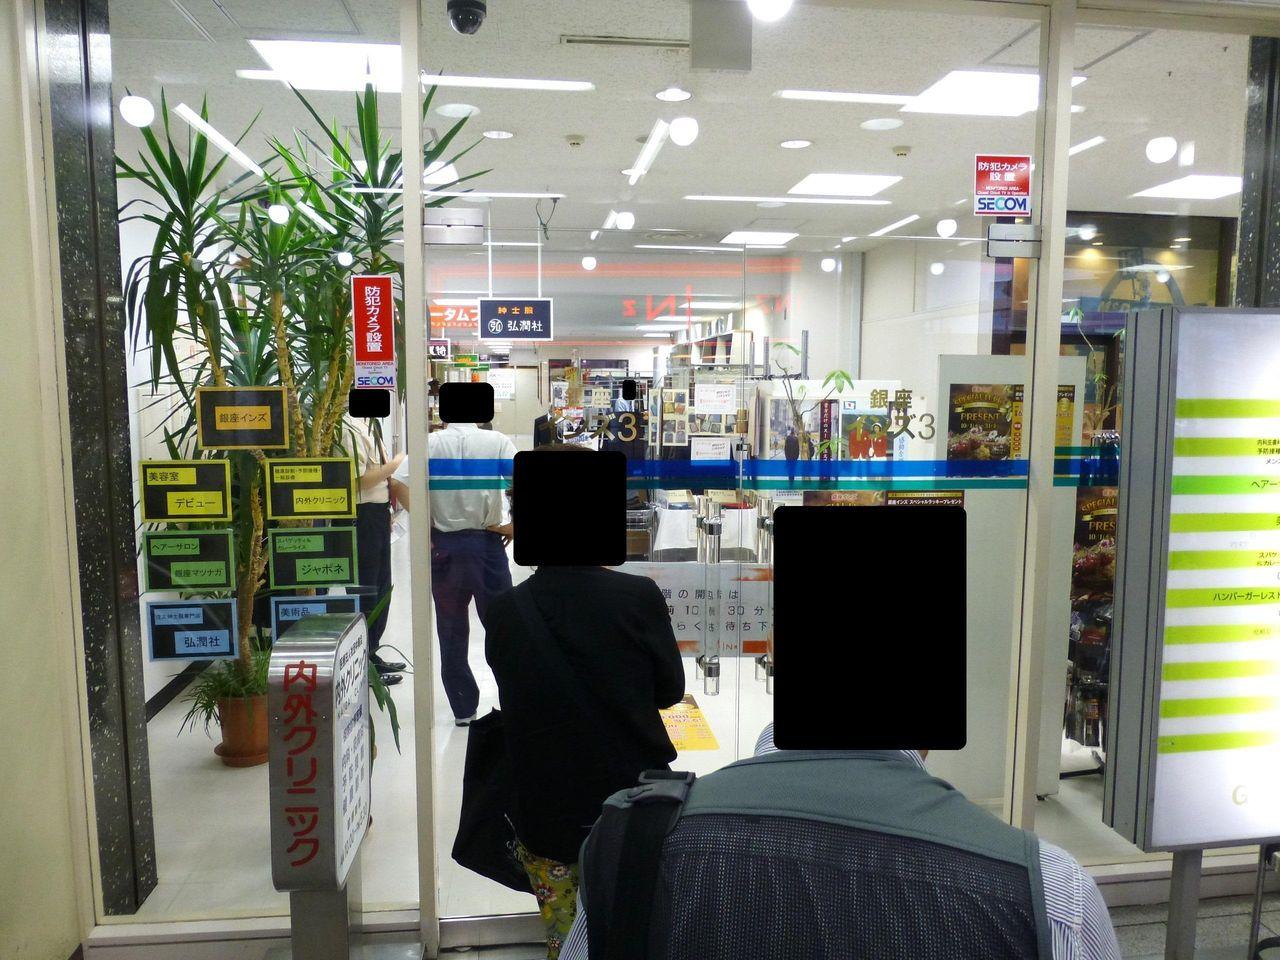 銀座インズ3のネクタイ屋側の入口は、開店前に行列が!